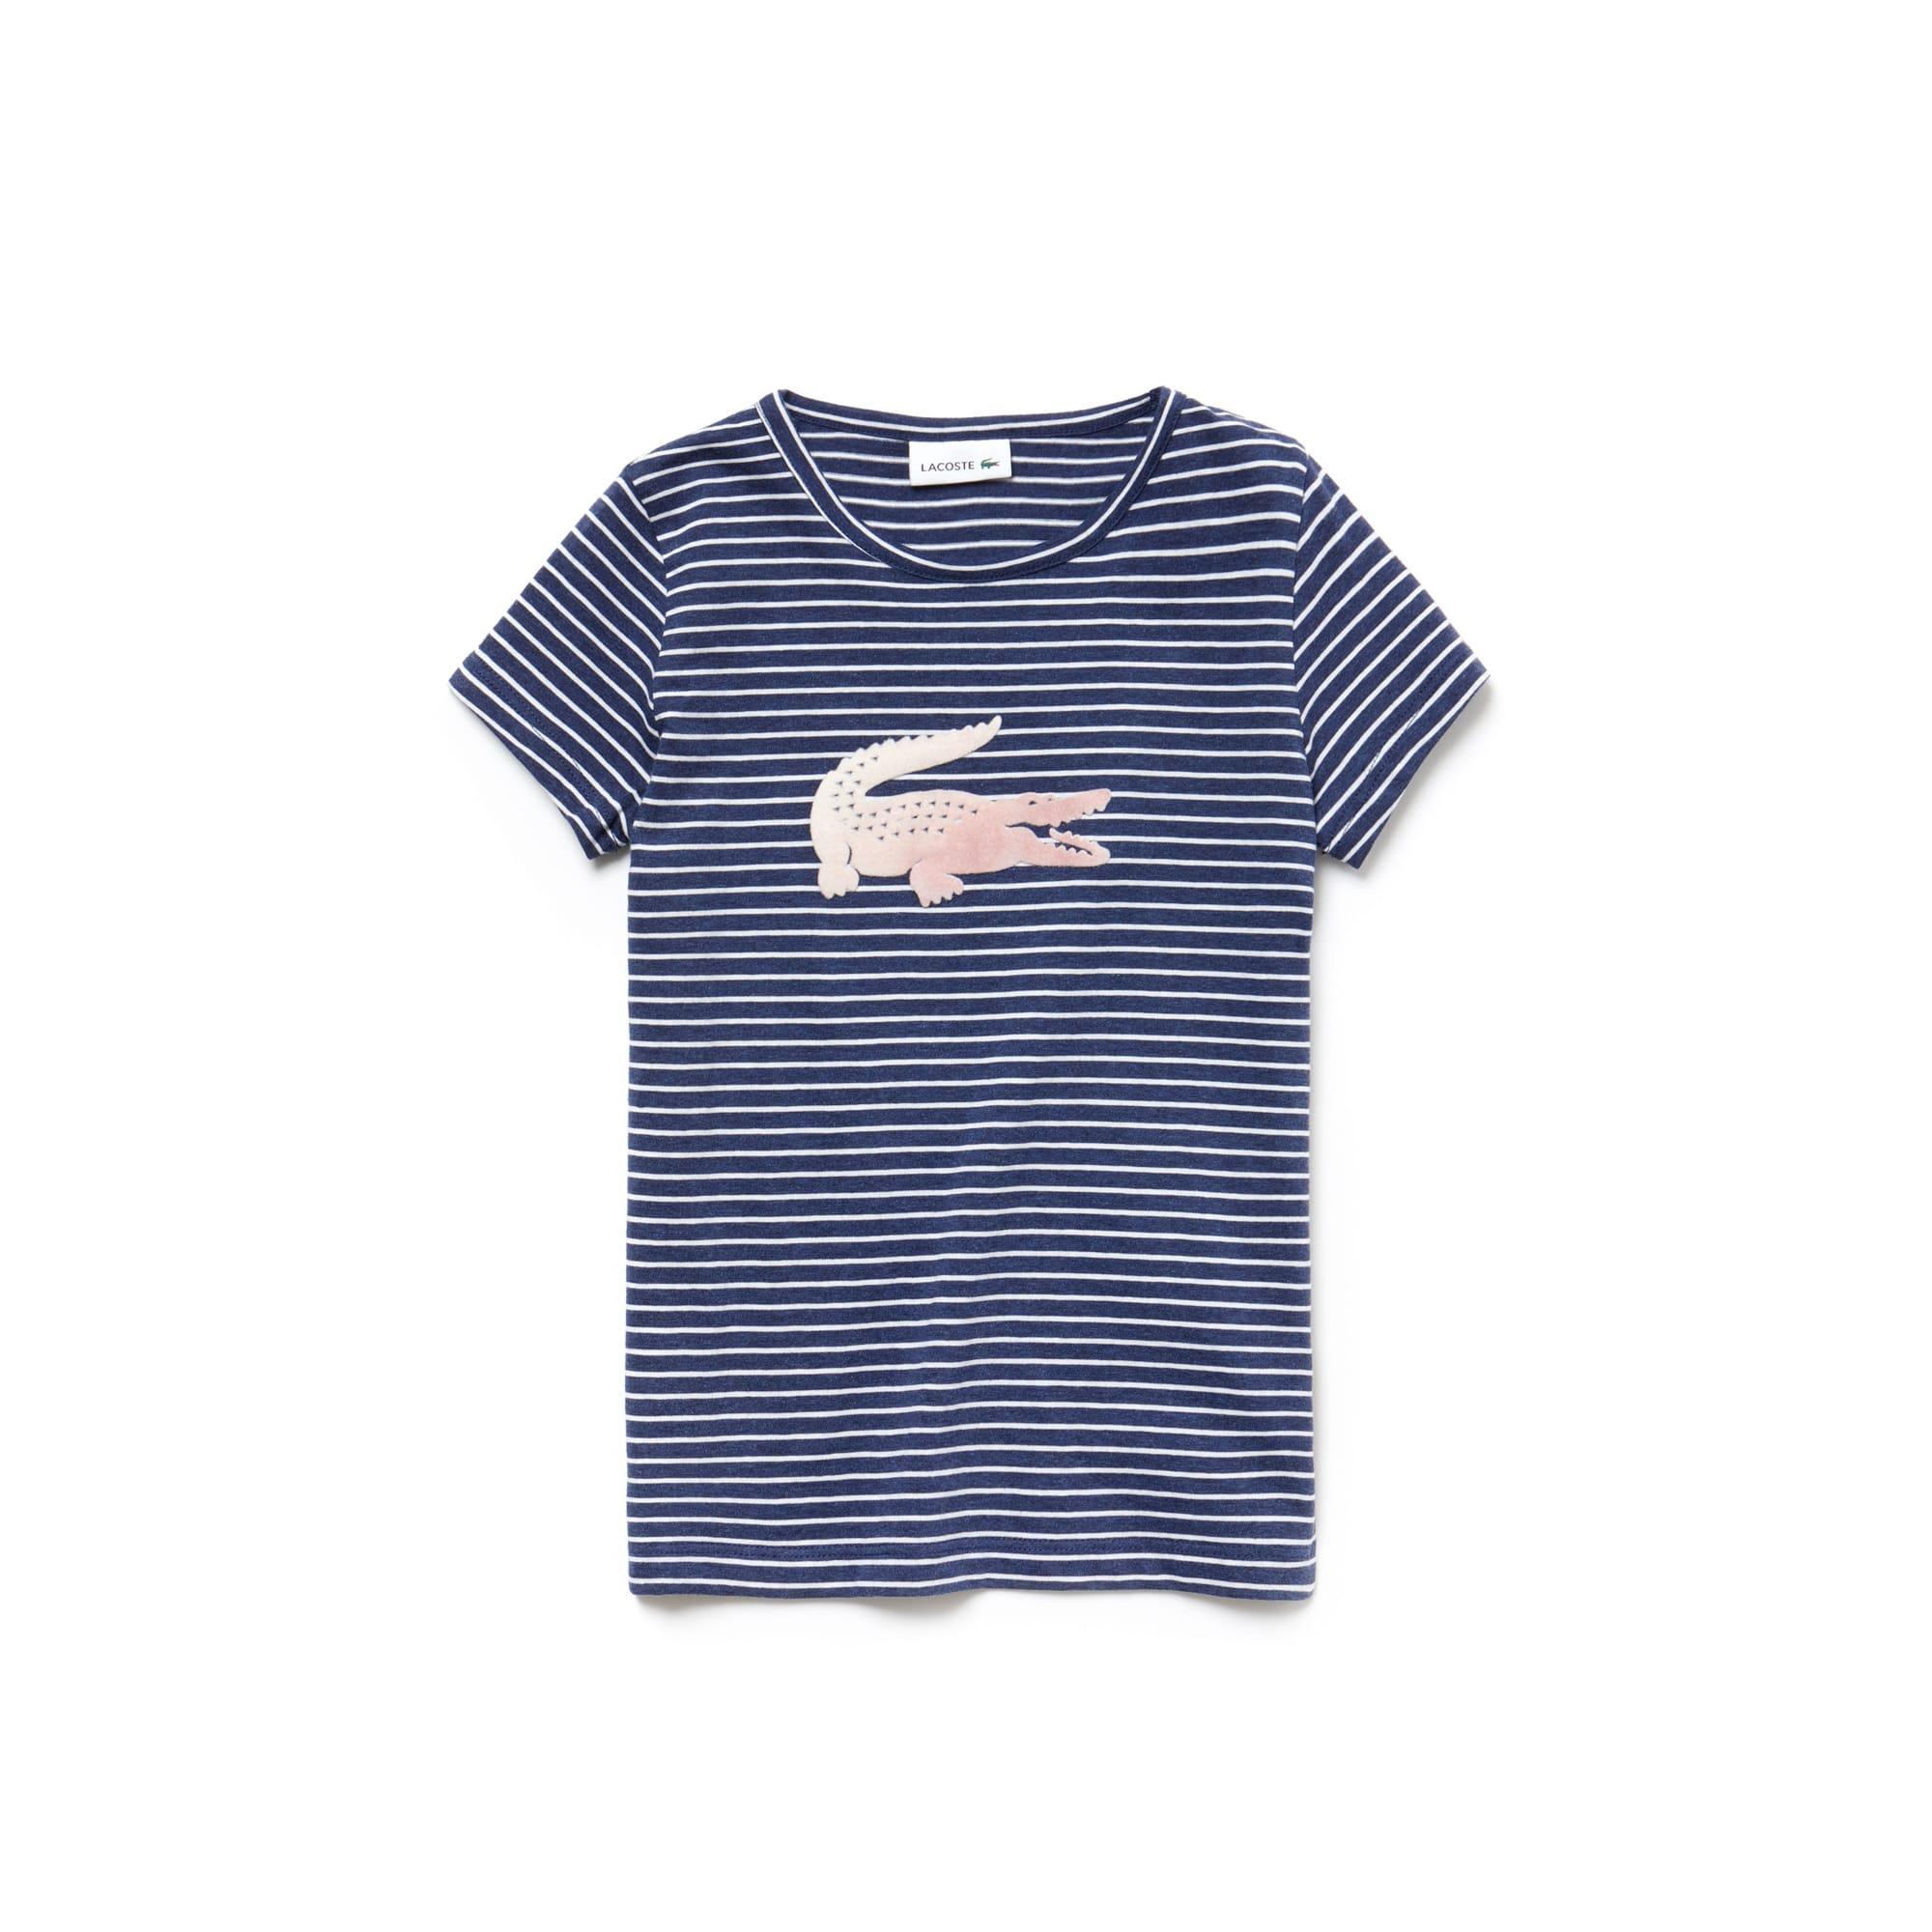 T-shirt Menina decote redondo em jersey às riscas com crocodilo em tamanho grande